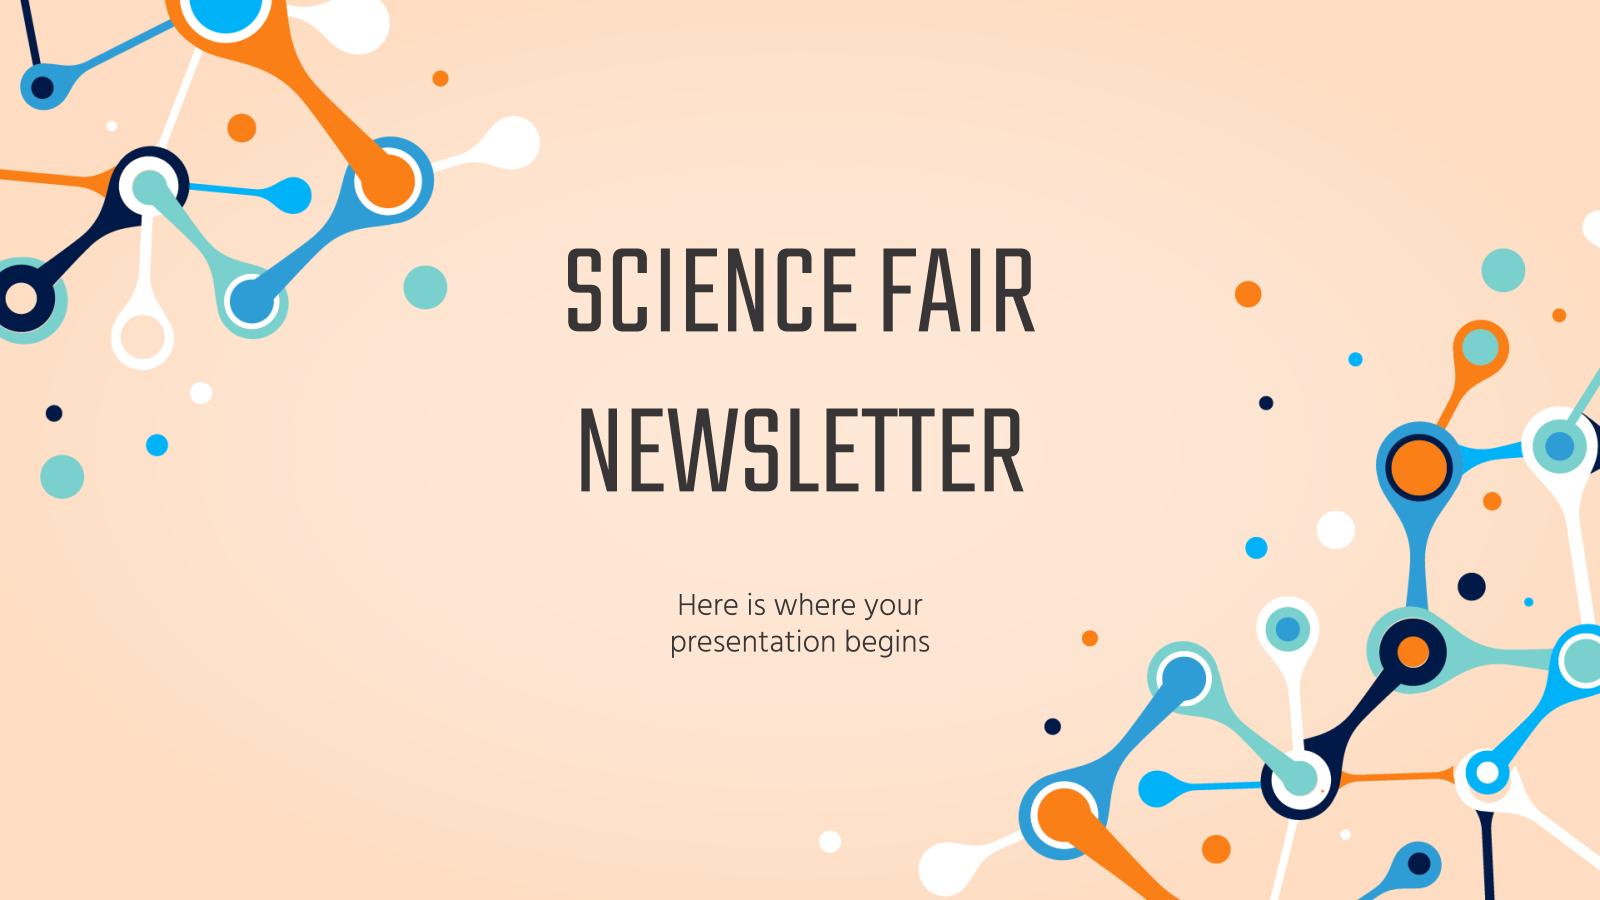 Modelo de apresentação Newsletter para feira de ciências